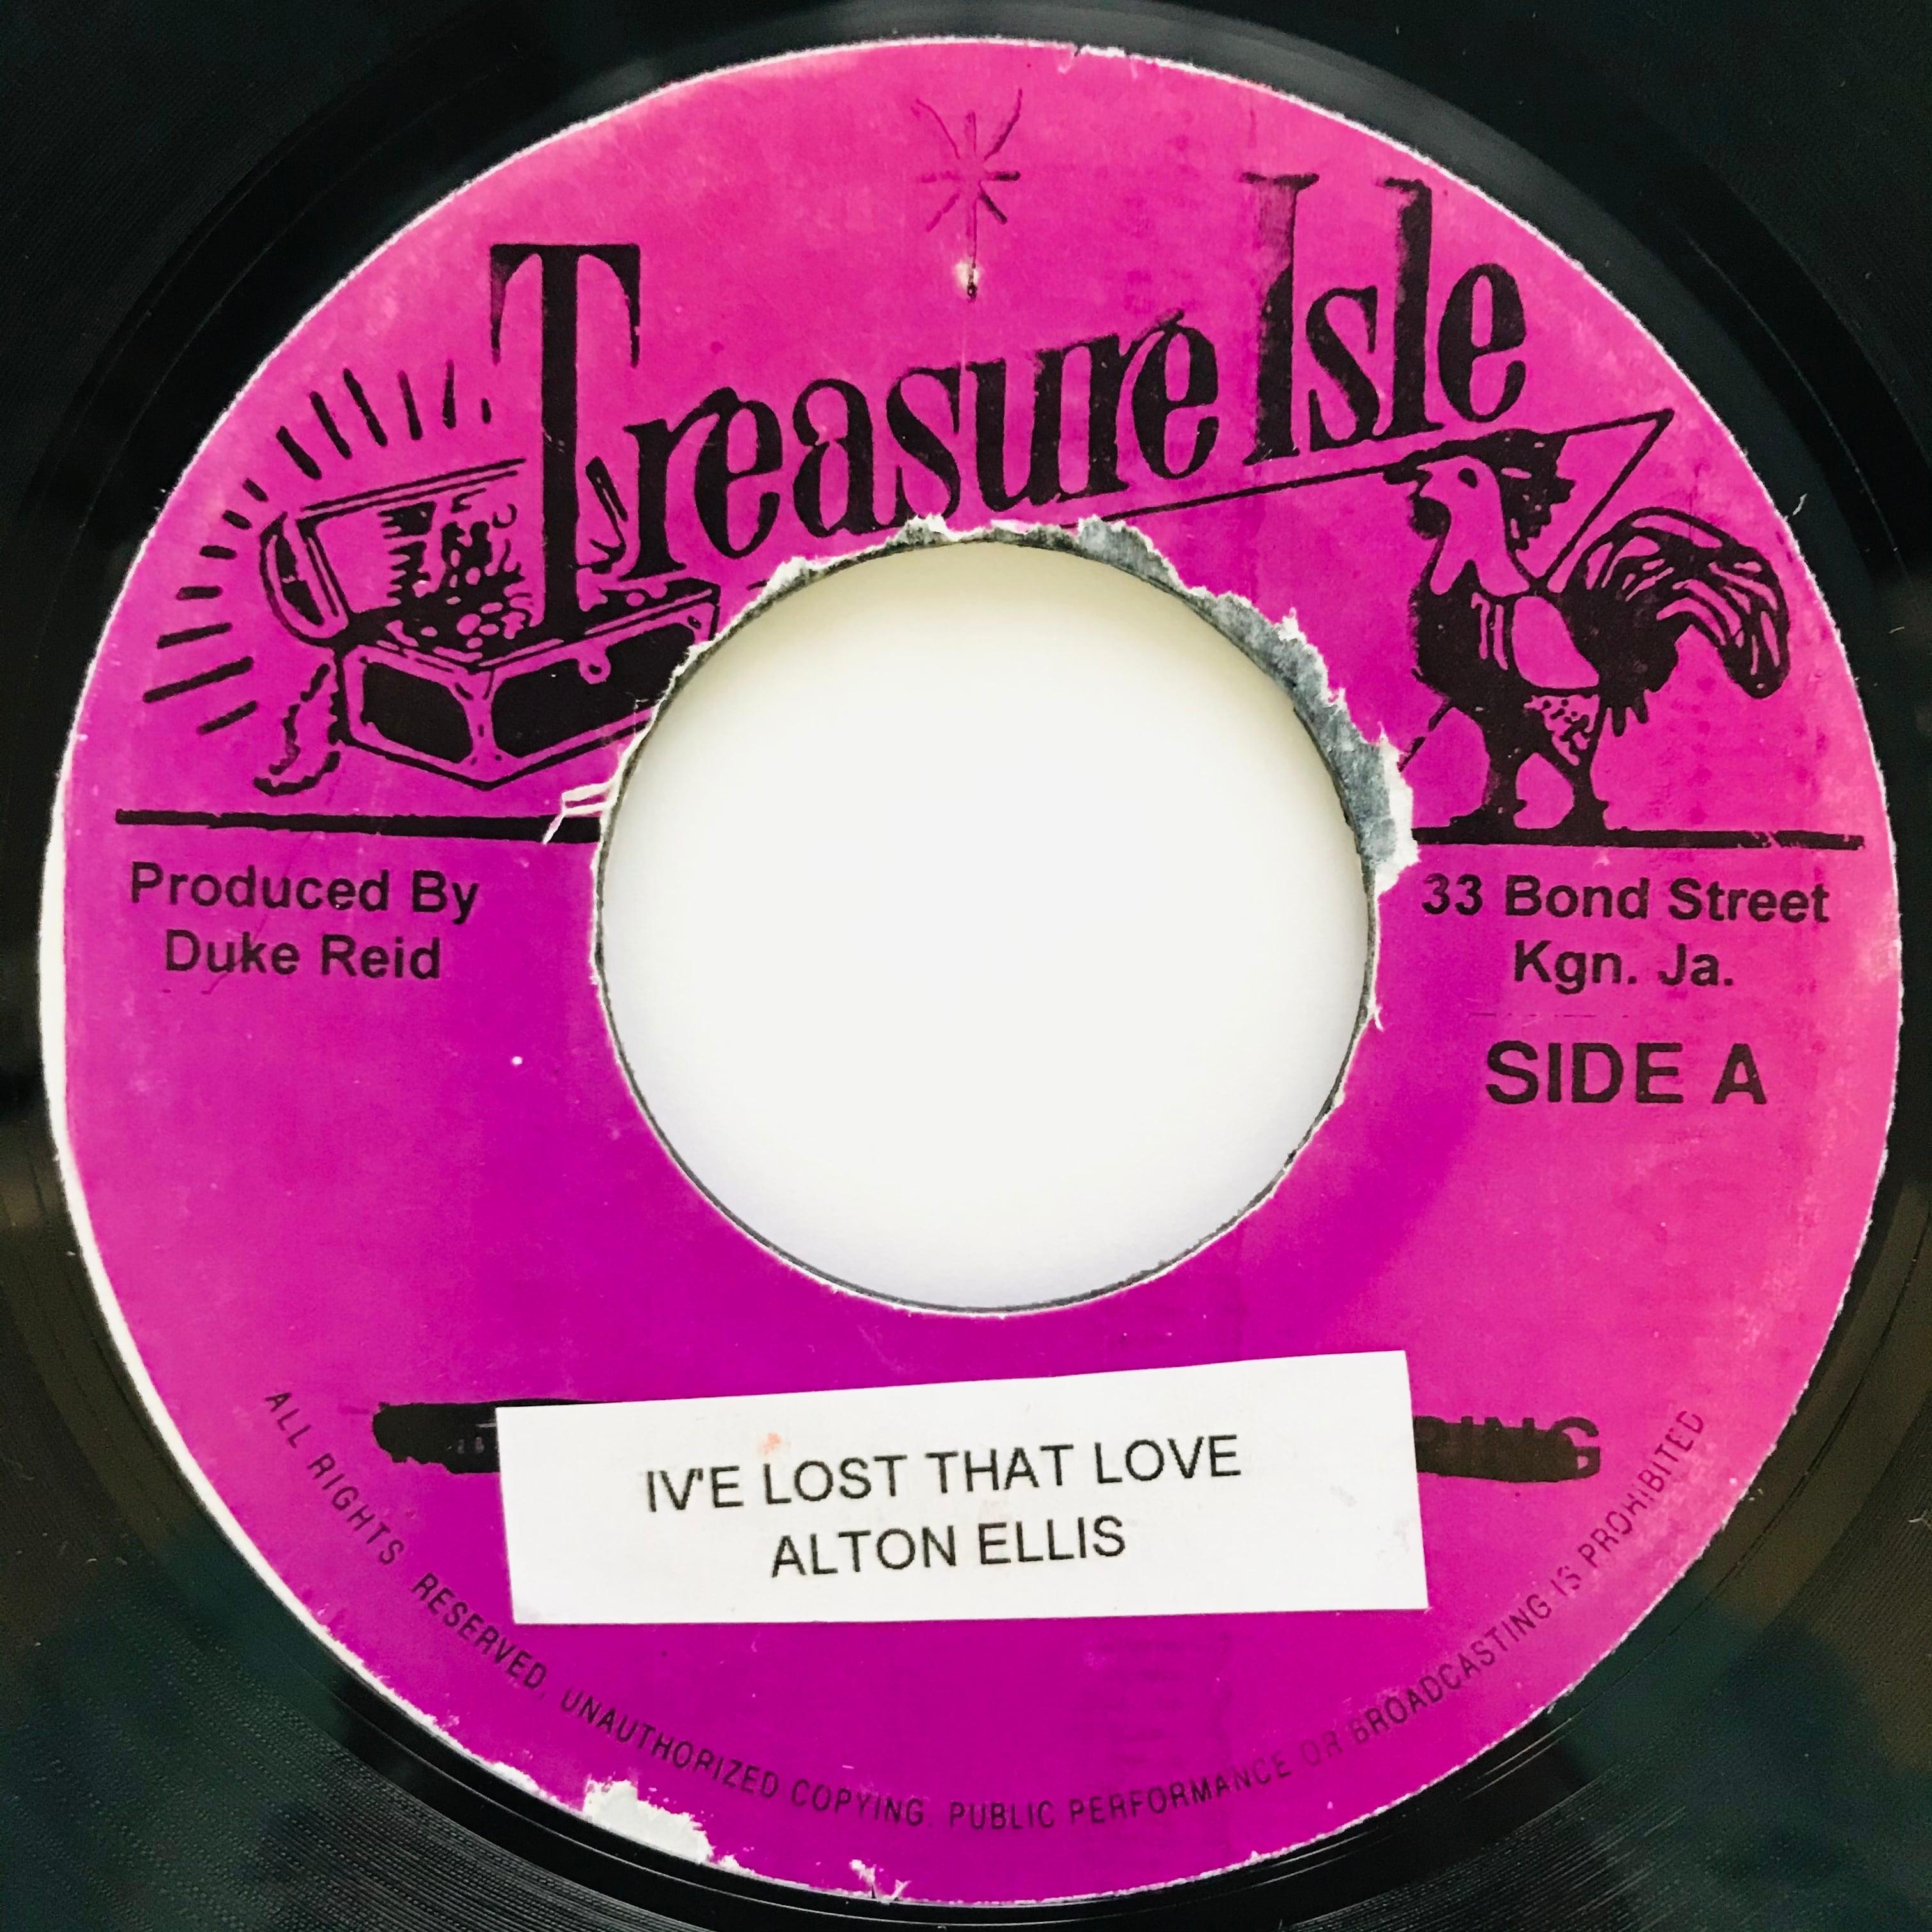 Alton Ellis - I've Lost That Love【7-11041】